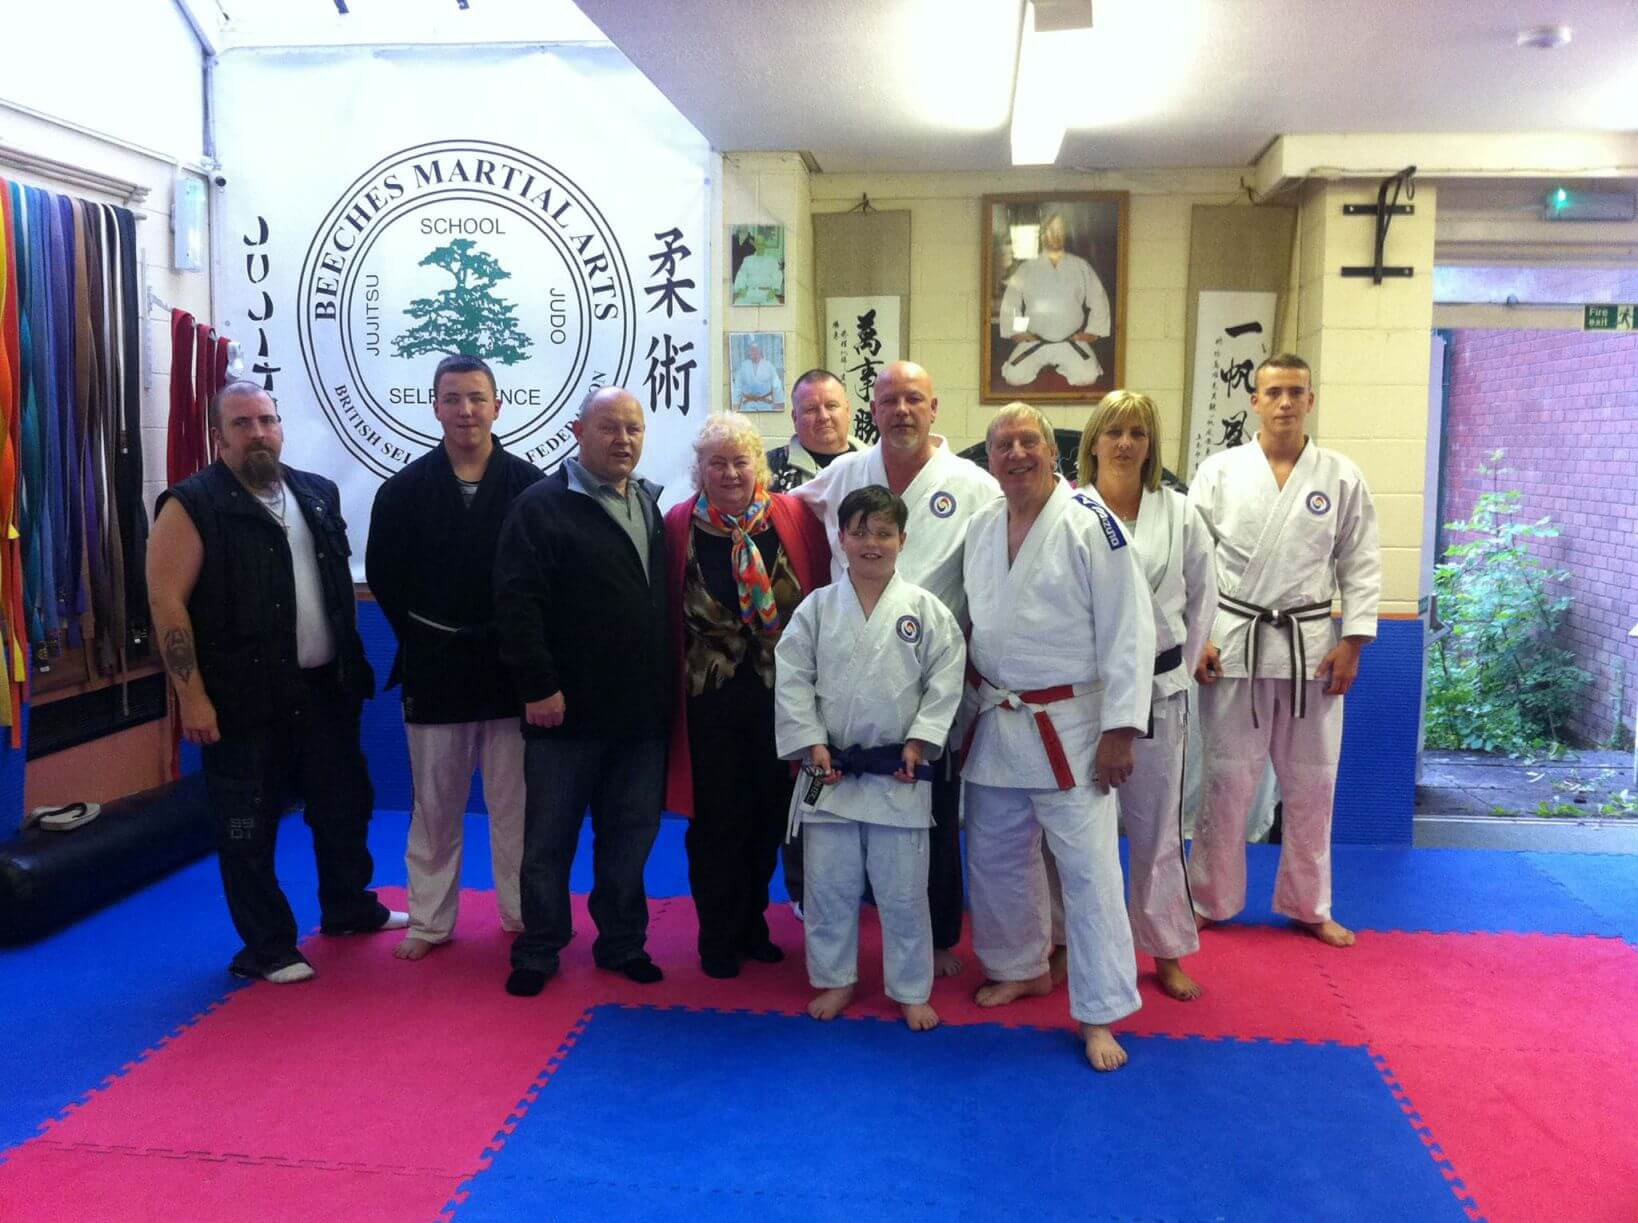 Beeches Martial Arts Birmingham | Self Defence | jujitsu & Judo